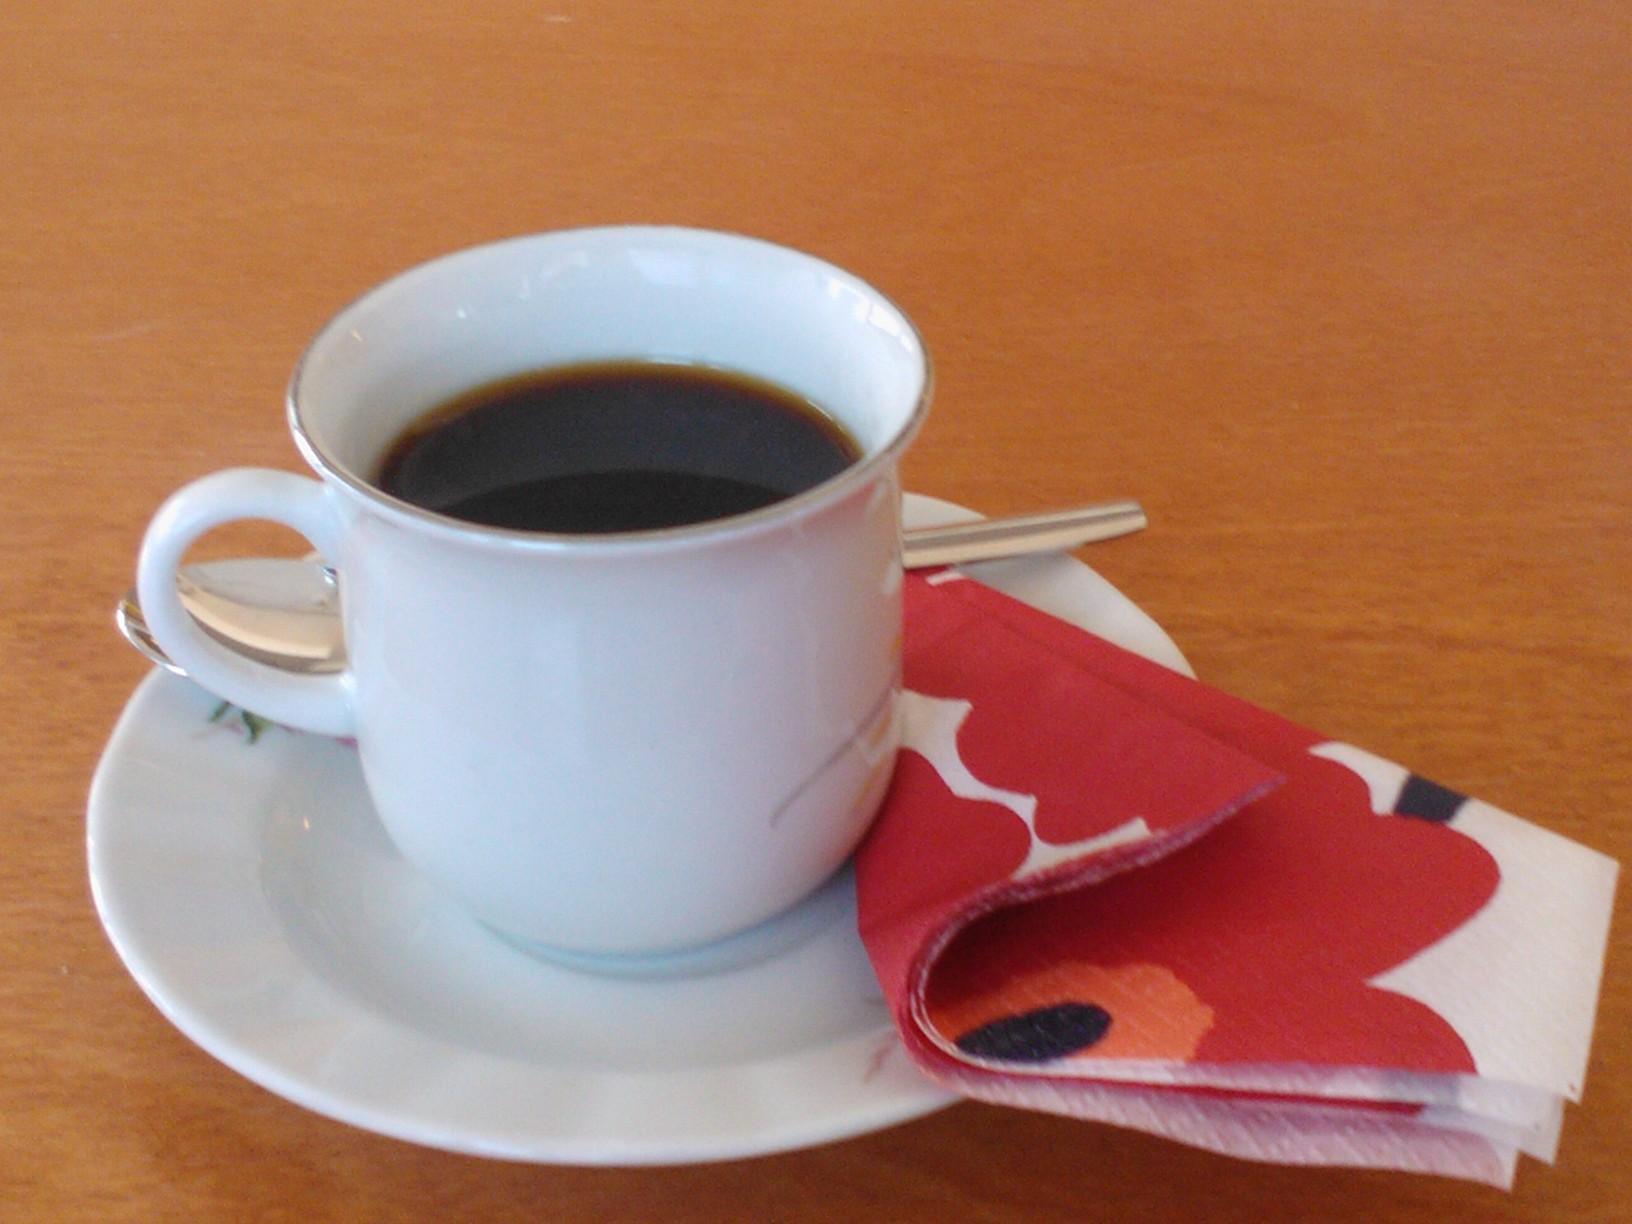 Kahvi vaikuttaa positiivisesti aivojen hyvinvointiin